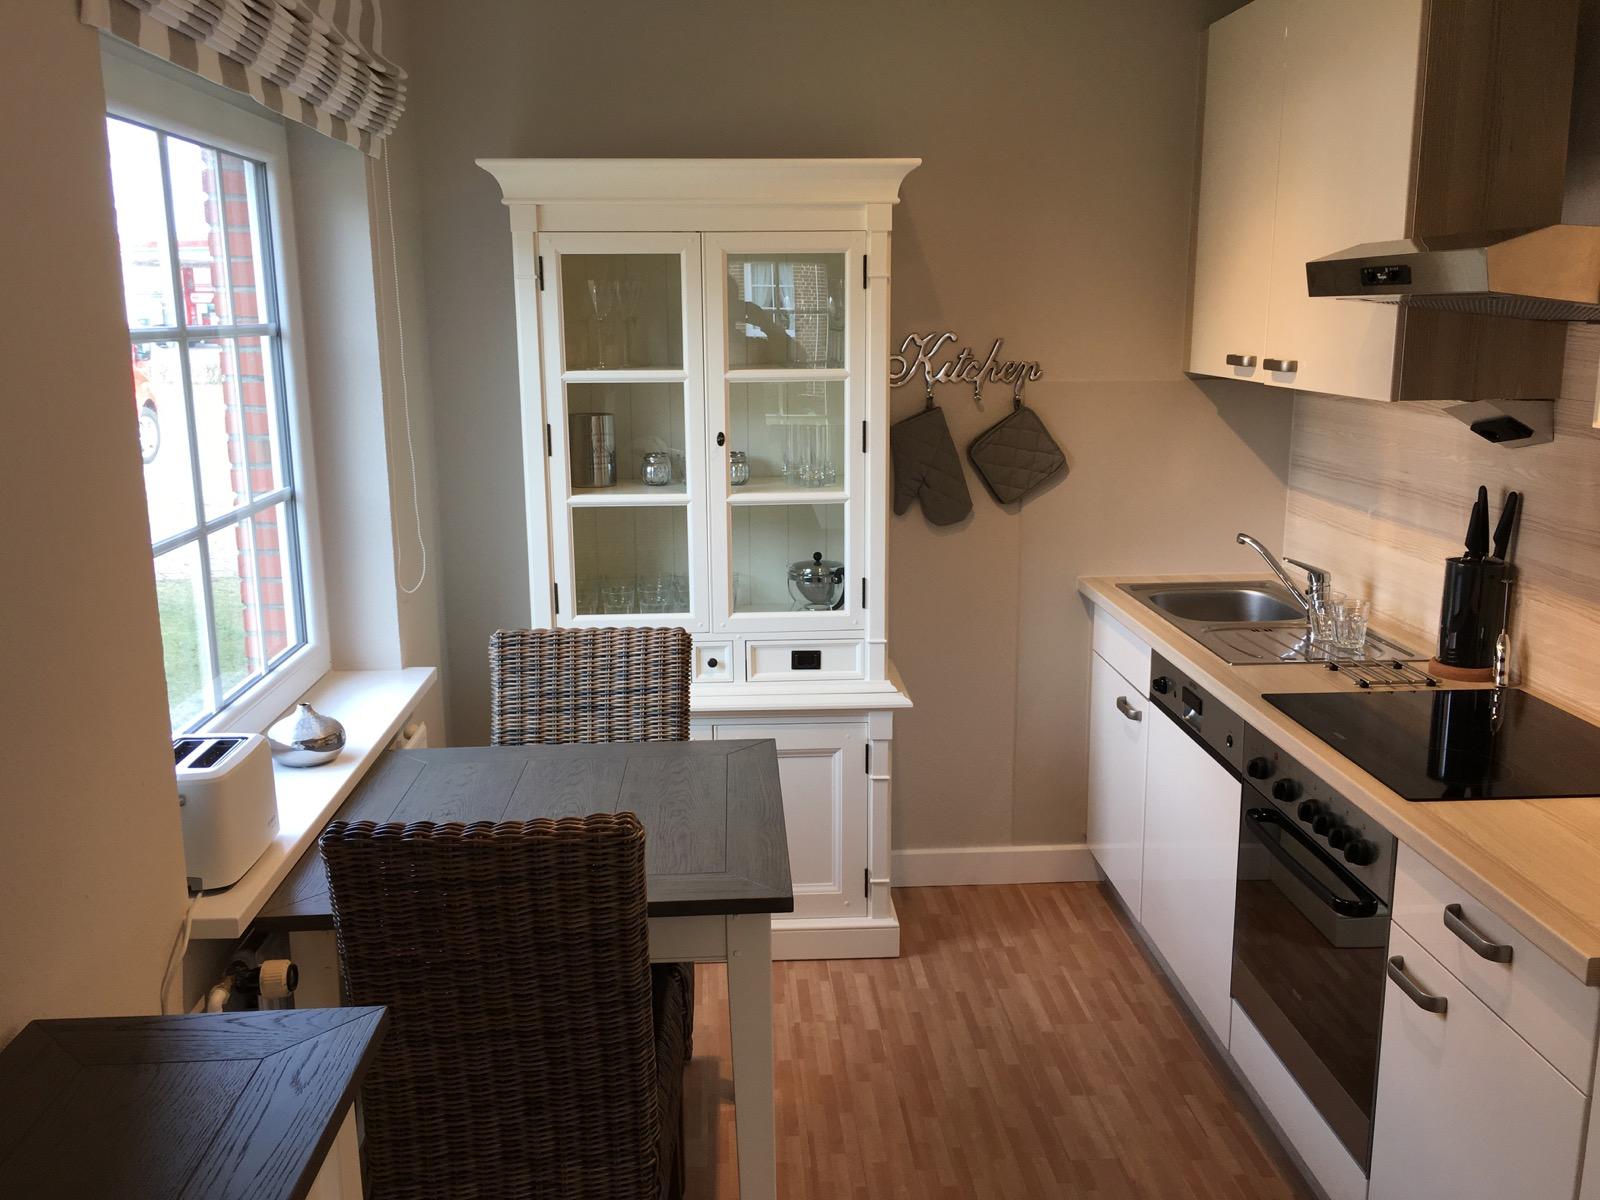 Großartig Küchenschrank Preis Pro Fuß Laufen Fotos - Küchenschrank ...